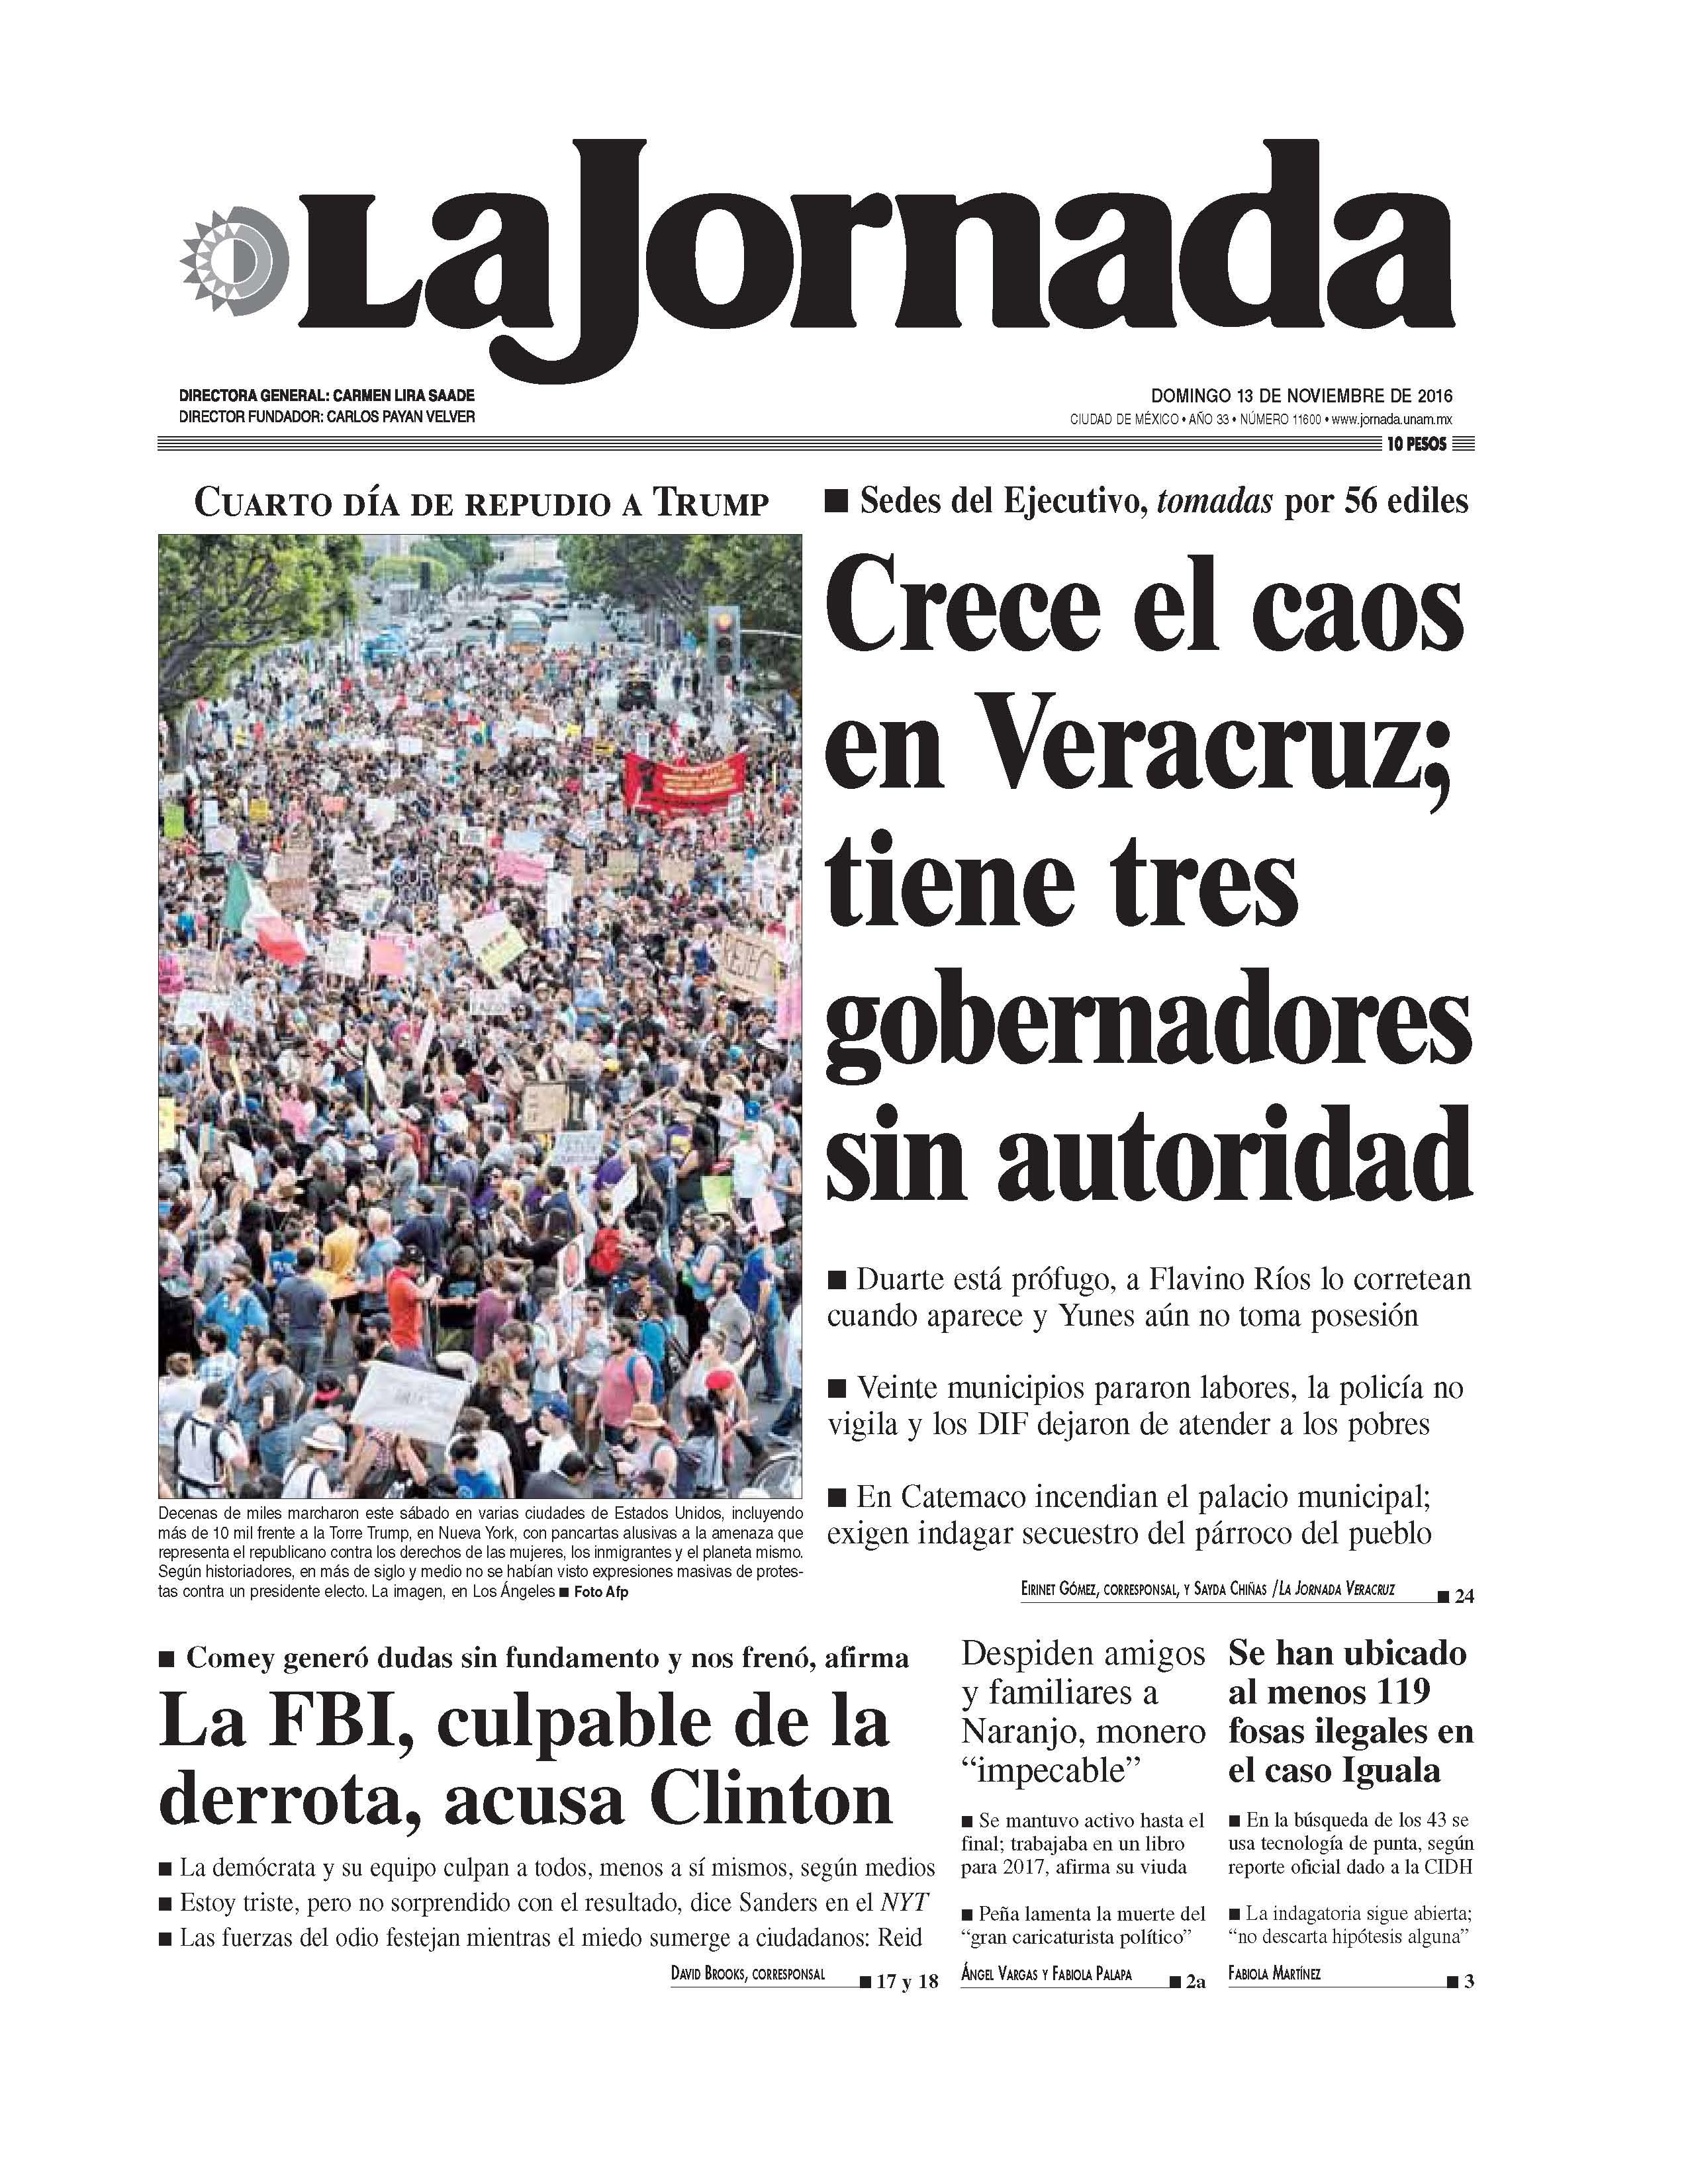 La jornada pol tica for Noticias del espectaculo mexicano del dia de hoy